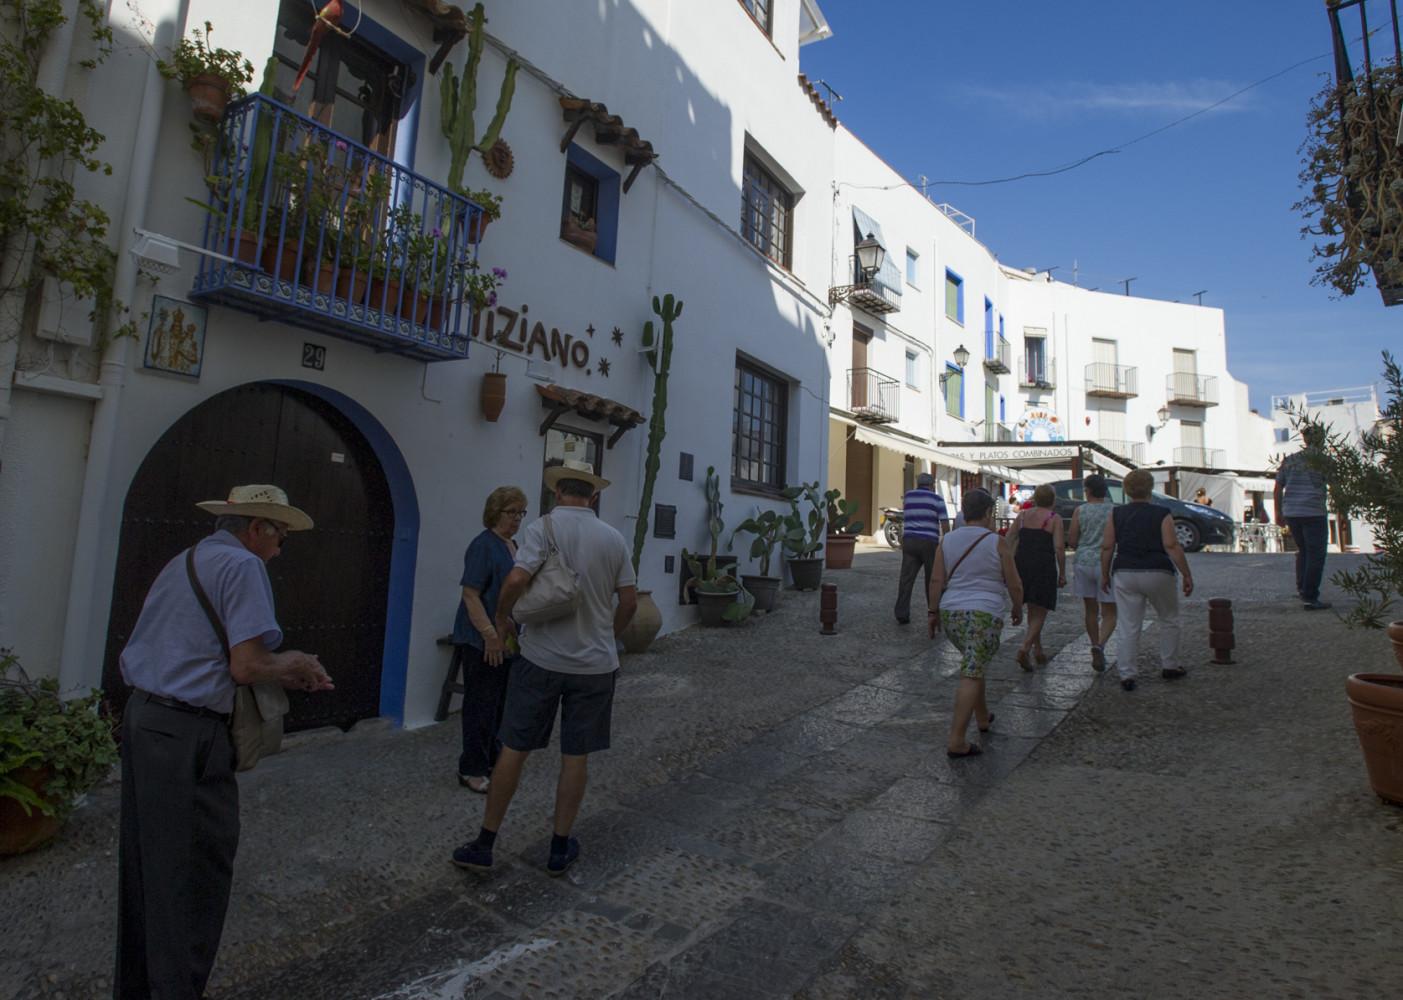 Los hoteleros prevén un septiembre de récord para el turismo provincial con una ocupación superior al 82% en septiembre